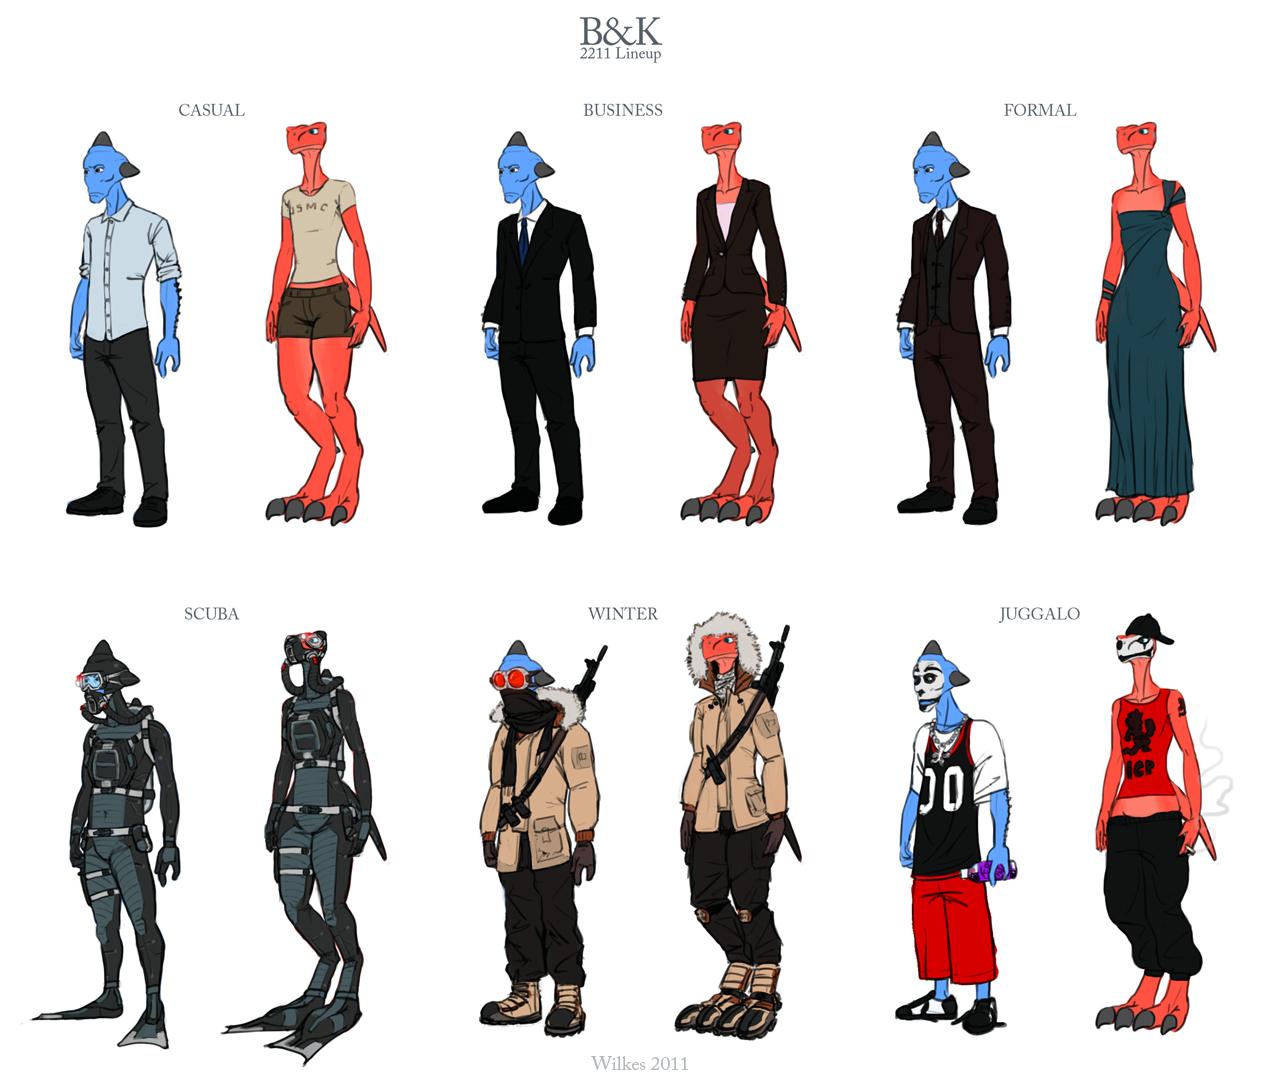 http://media.moddb.com/images/mods/1/15/14393/outfits.jpg